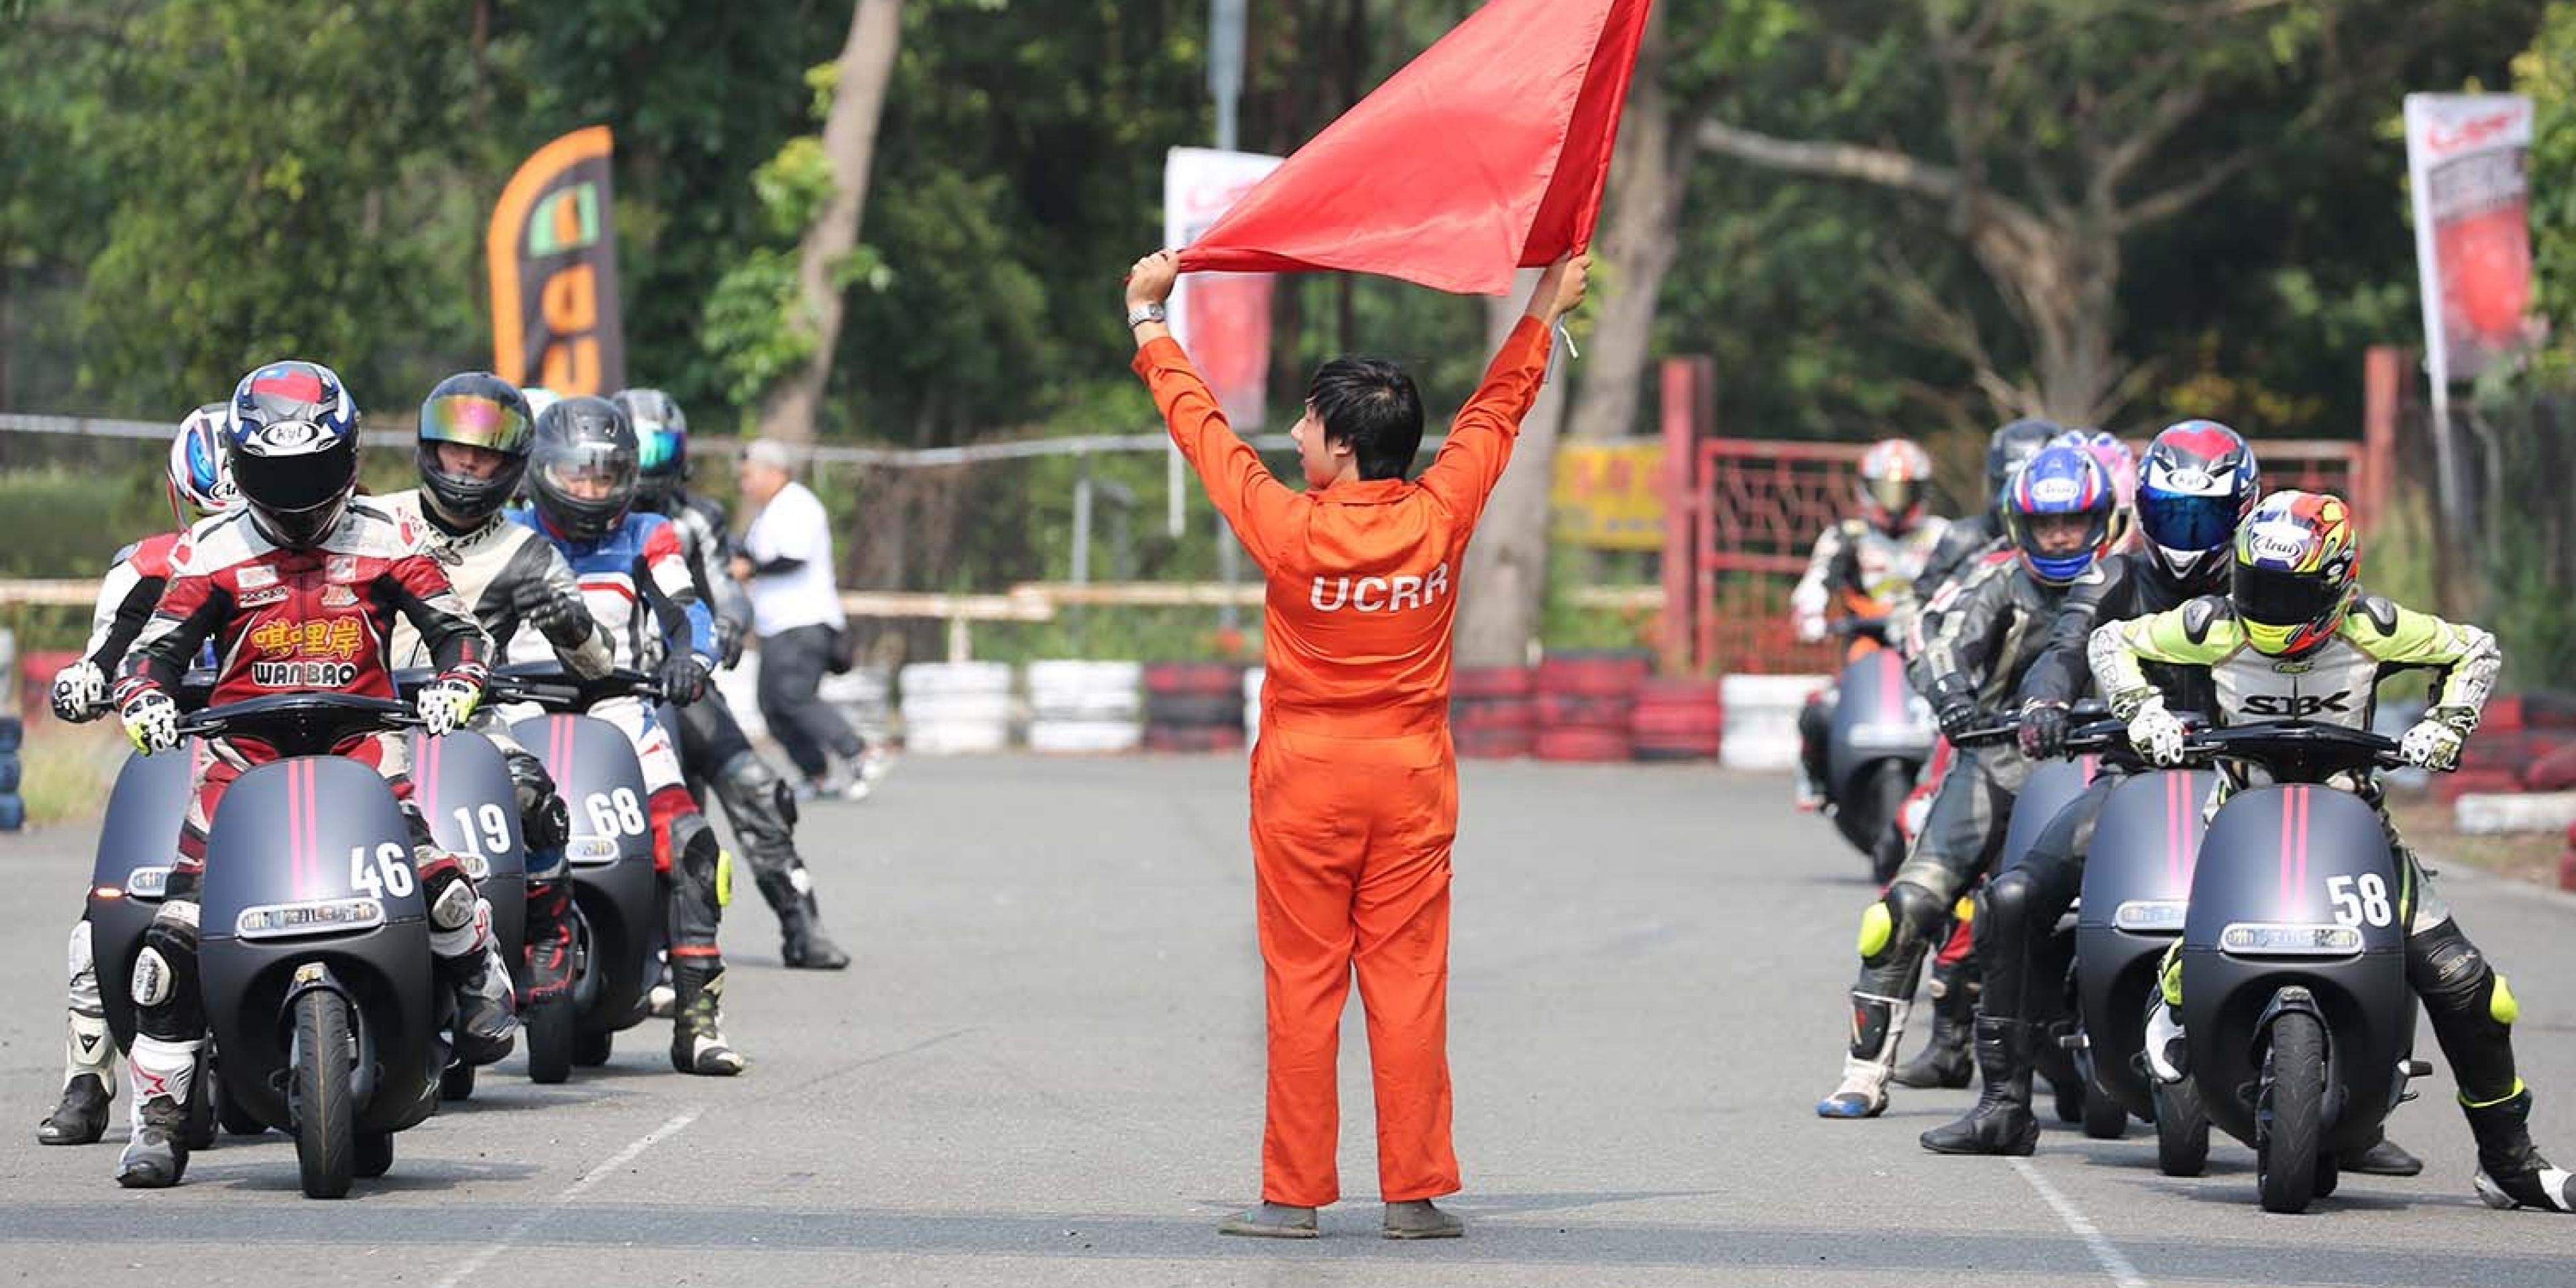 官方新聞稿。Gogoro 統規賽狂電登場。國內首見電動機車爭先賽,再寫台灣機車運動新紀錄